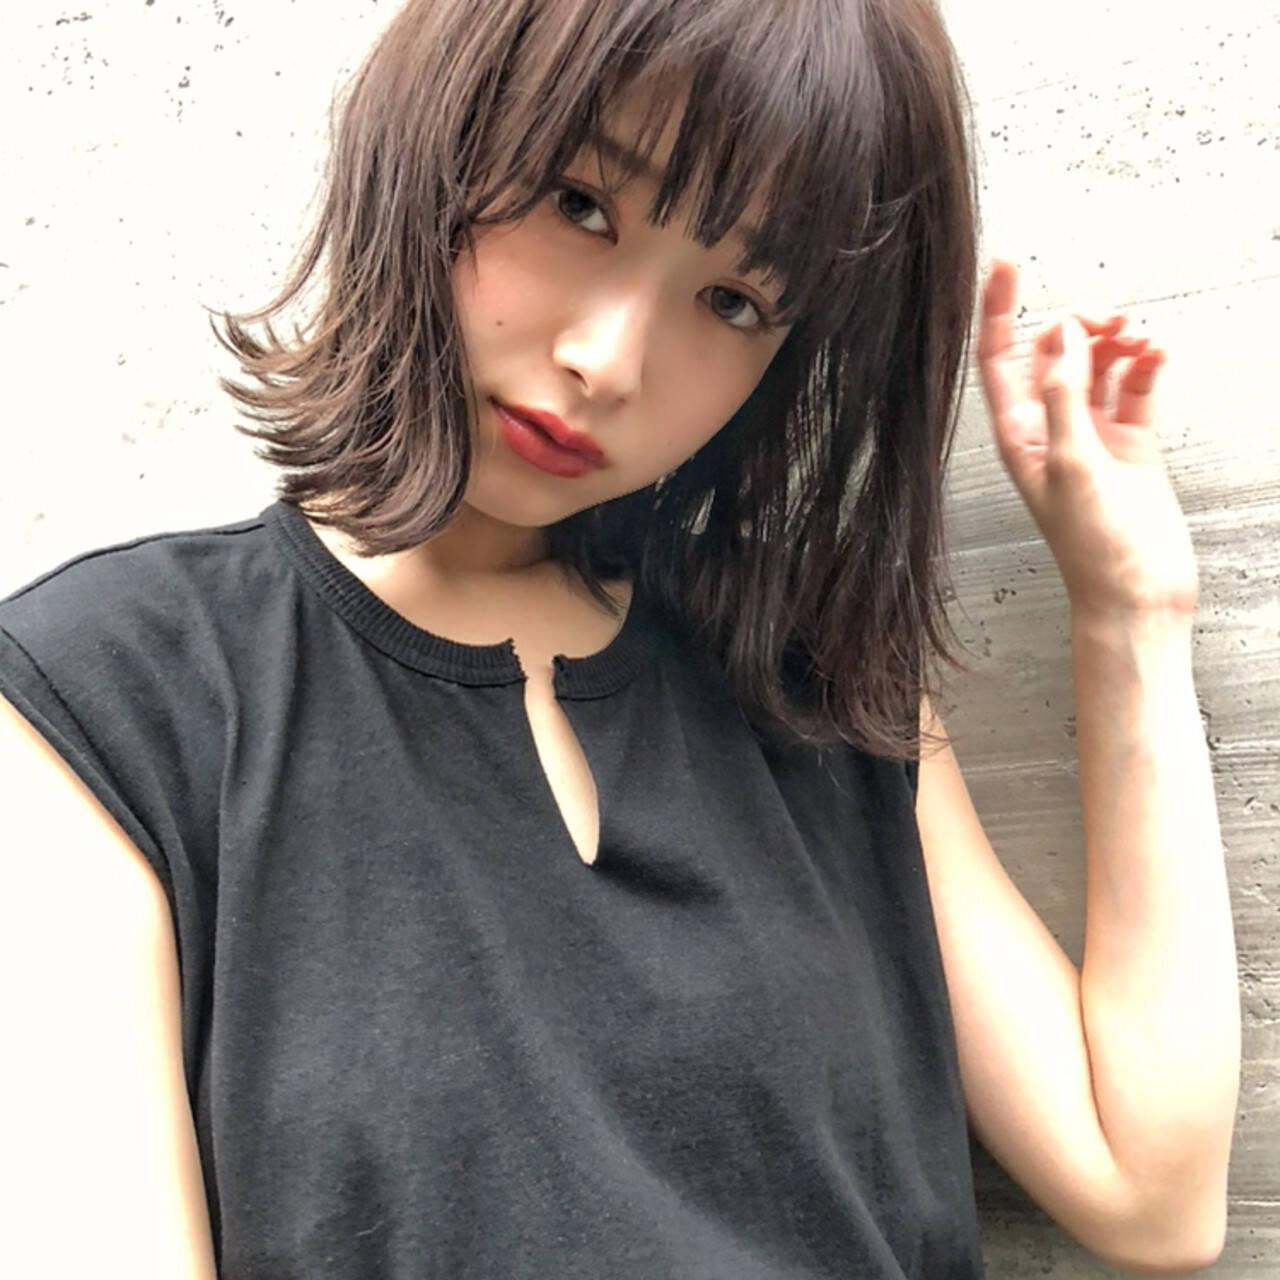 ミディアム 暗髪 簡単スタイリング おしゃれヘアスタイルや髪型の写真・画像